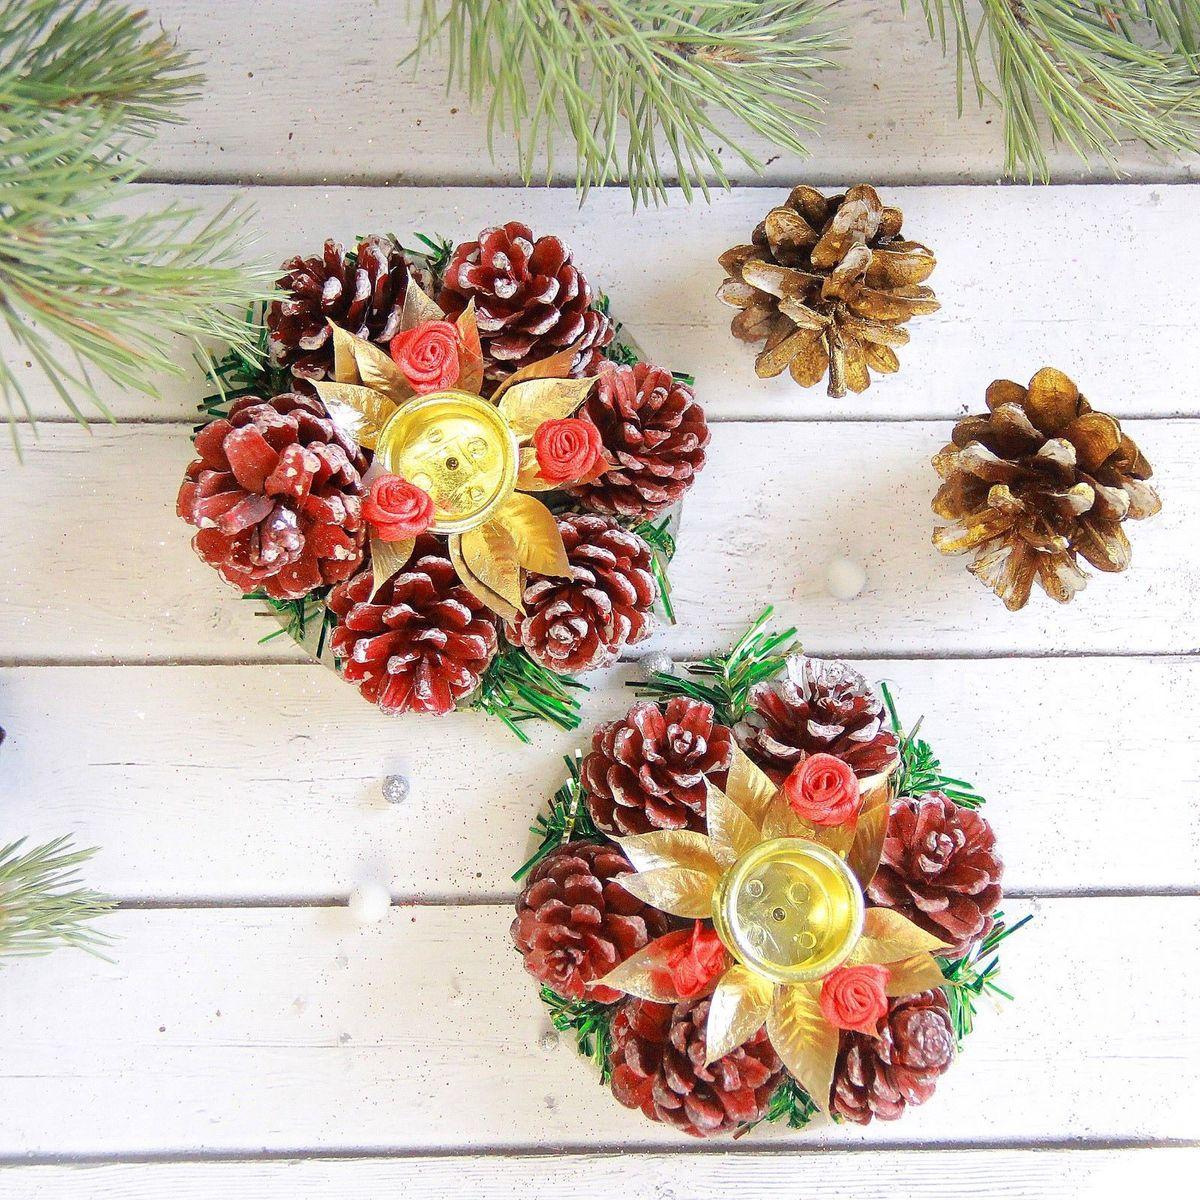 Подсвечник Sima-land Цветочный, диаметр 8 см, 2 шт2377899Новогодний подсвечник Sima-land, выполненный из шишек, пластика и металла, украсит интерьер вашего дома или офиса в преддверии Нового года. Оригинальный дизайн и красочное исполнение создадут праздничное настроение. Подсвечник украшен елочными веточками, шишками и цветами. Вы можете поставить подсвечник в любом месте, где он будет удачно смотреться, и радовать глаз. Кроме того - это отличный вариант подарка для ваших близких и друзей. В наборе два подсвечника.